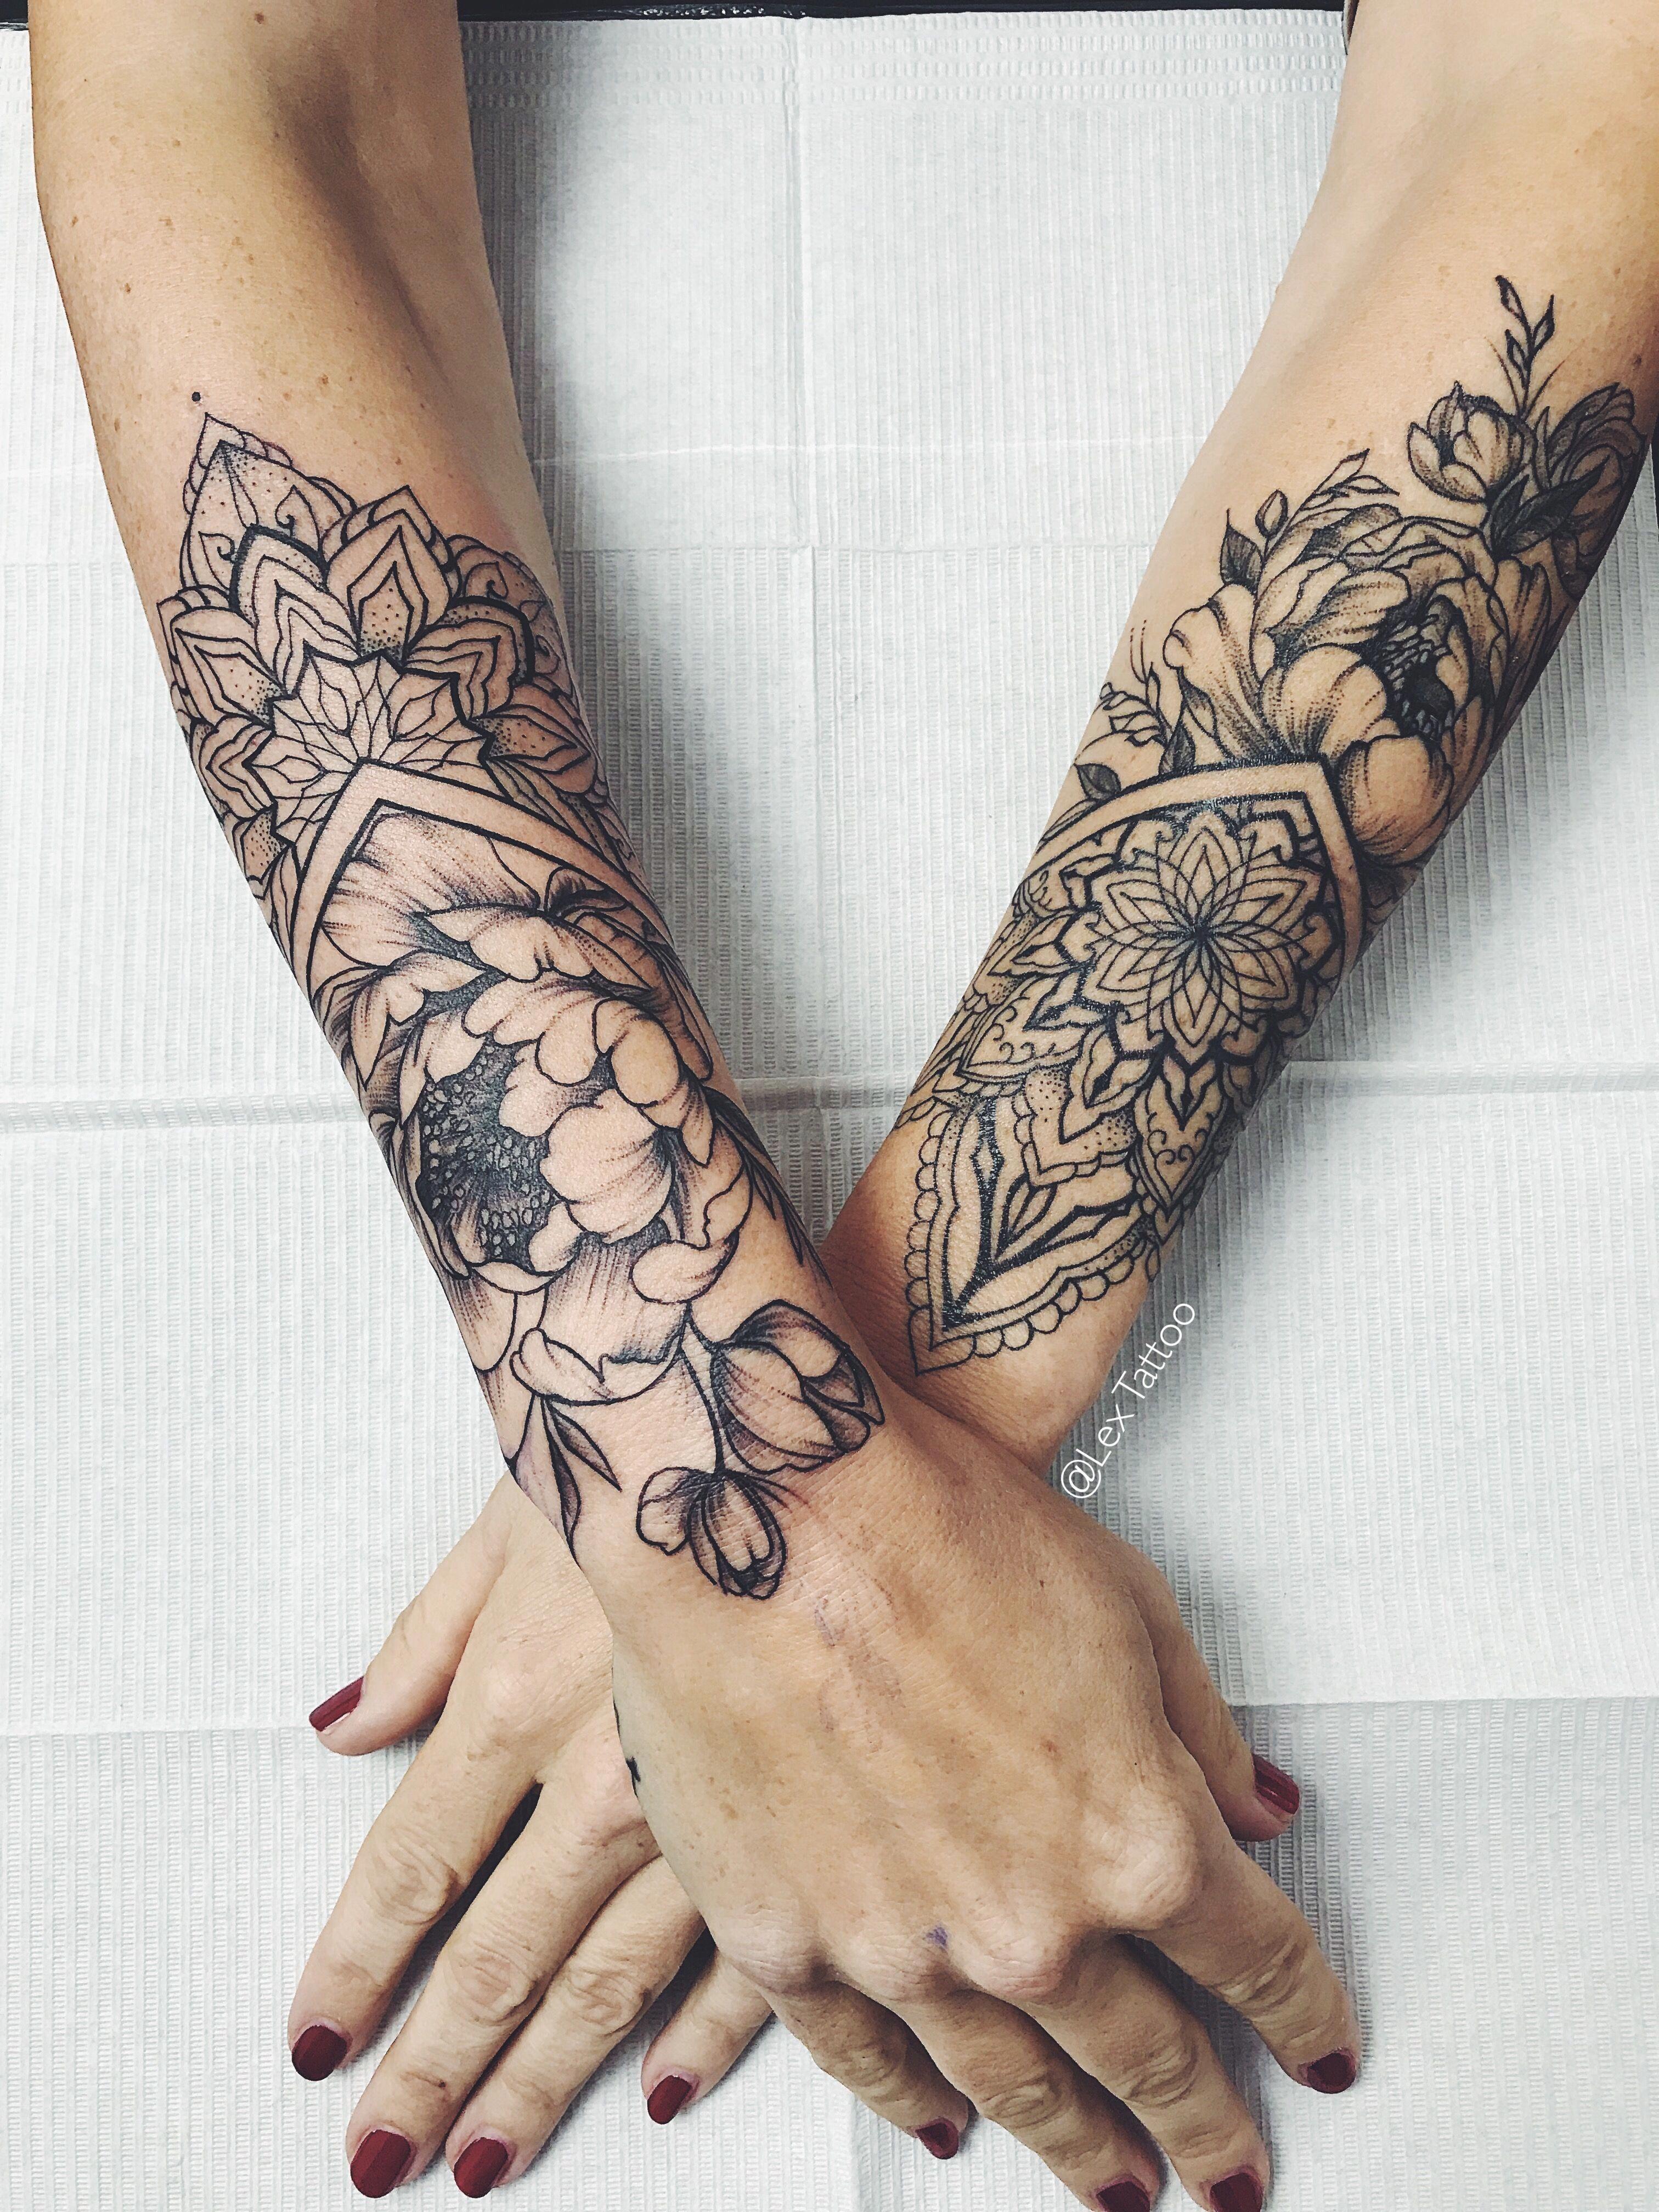 Mandala Design Tattoo Mandalatattoo Tattoos Tattoo Sleeve Designs Wrist Tattoos For Guys